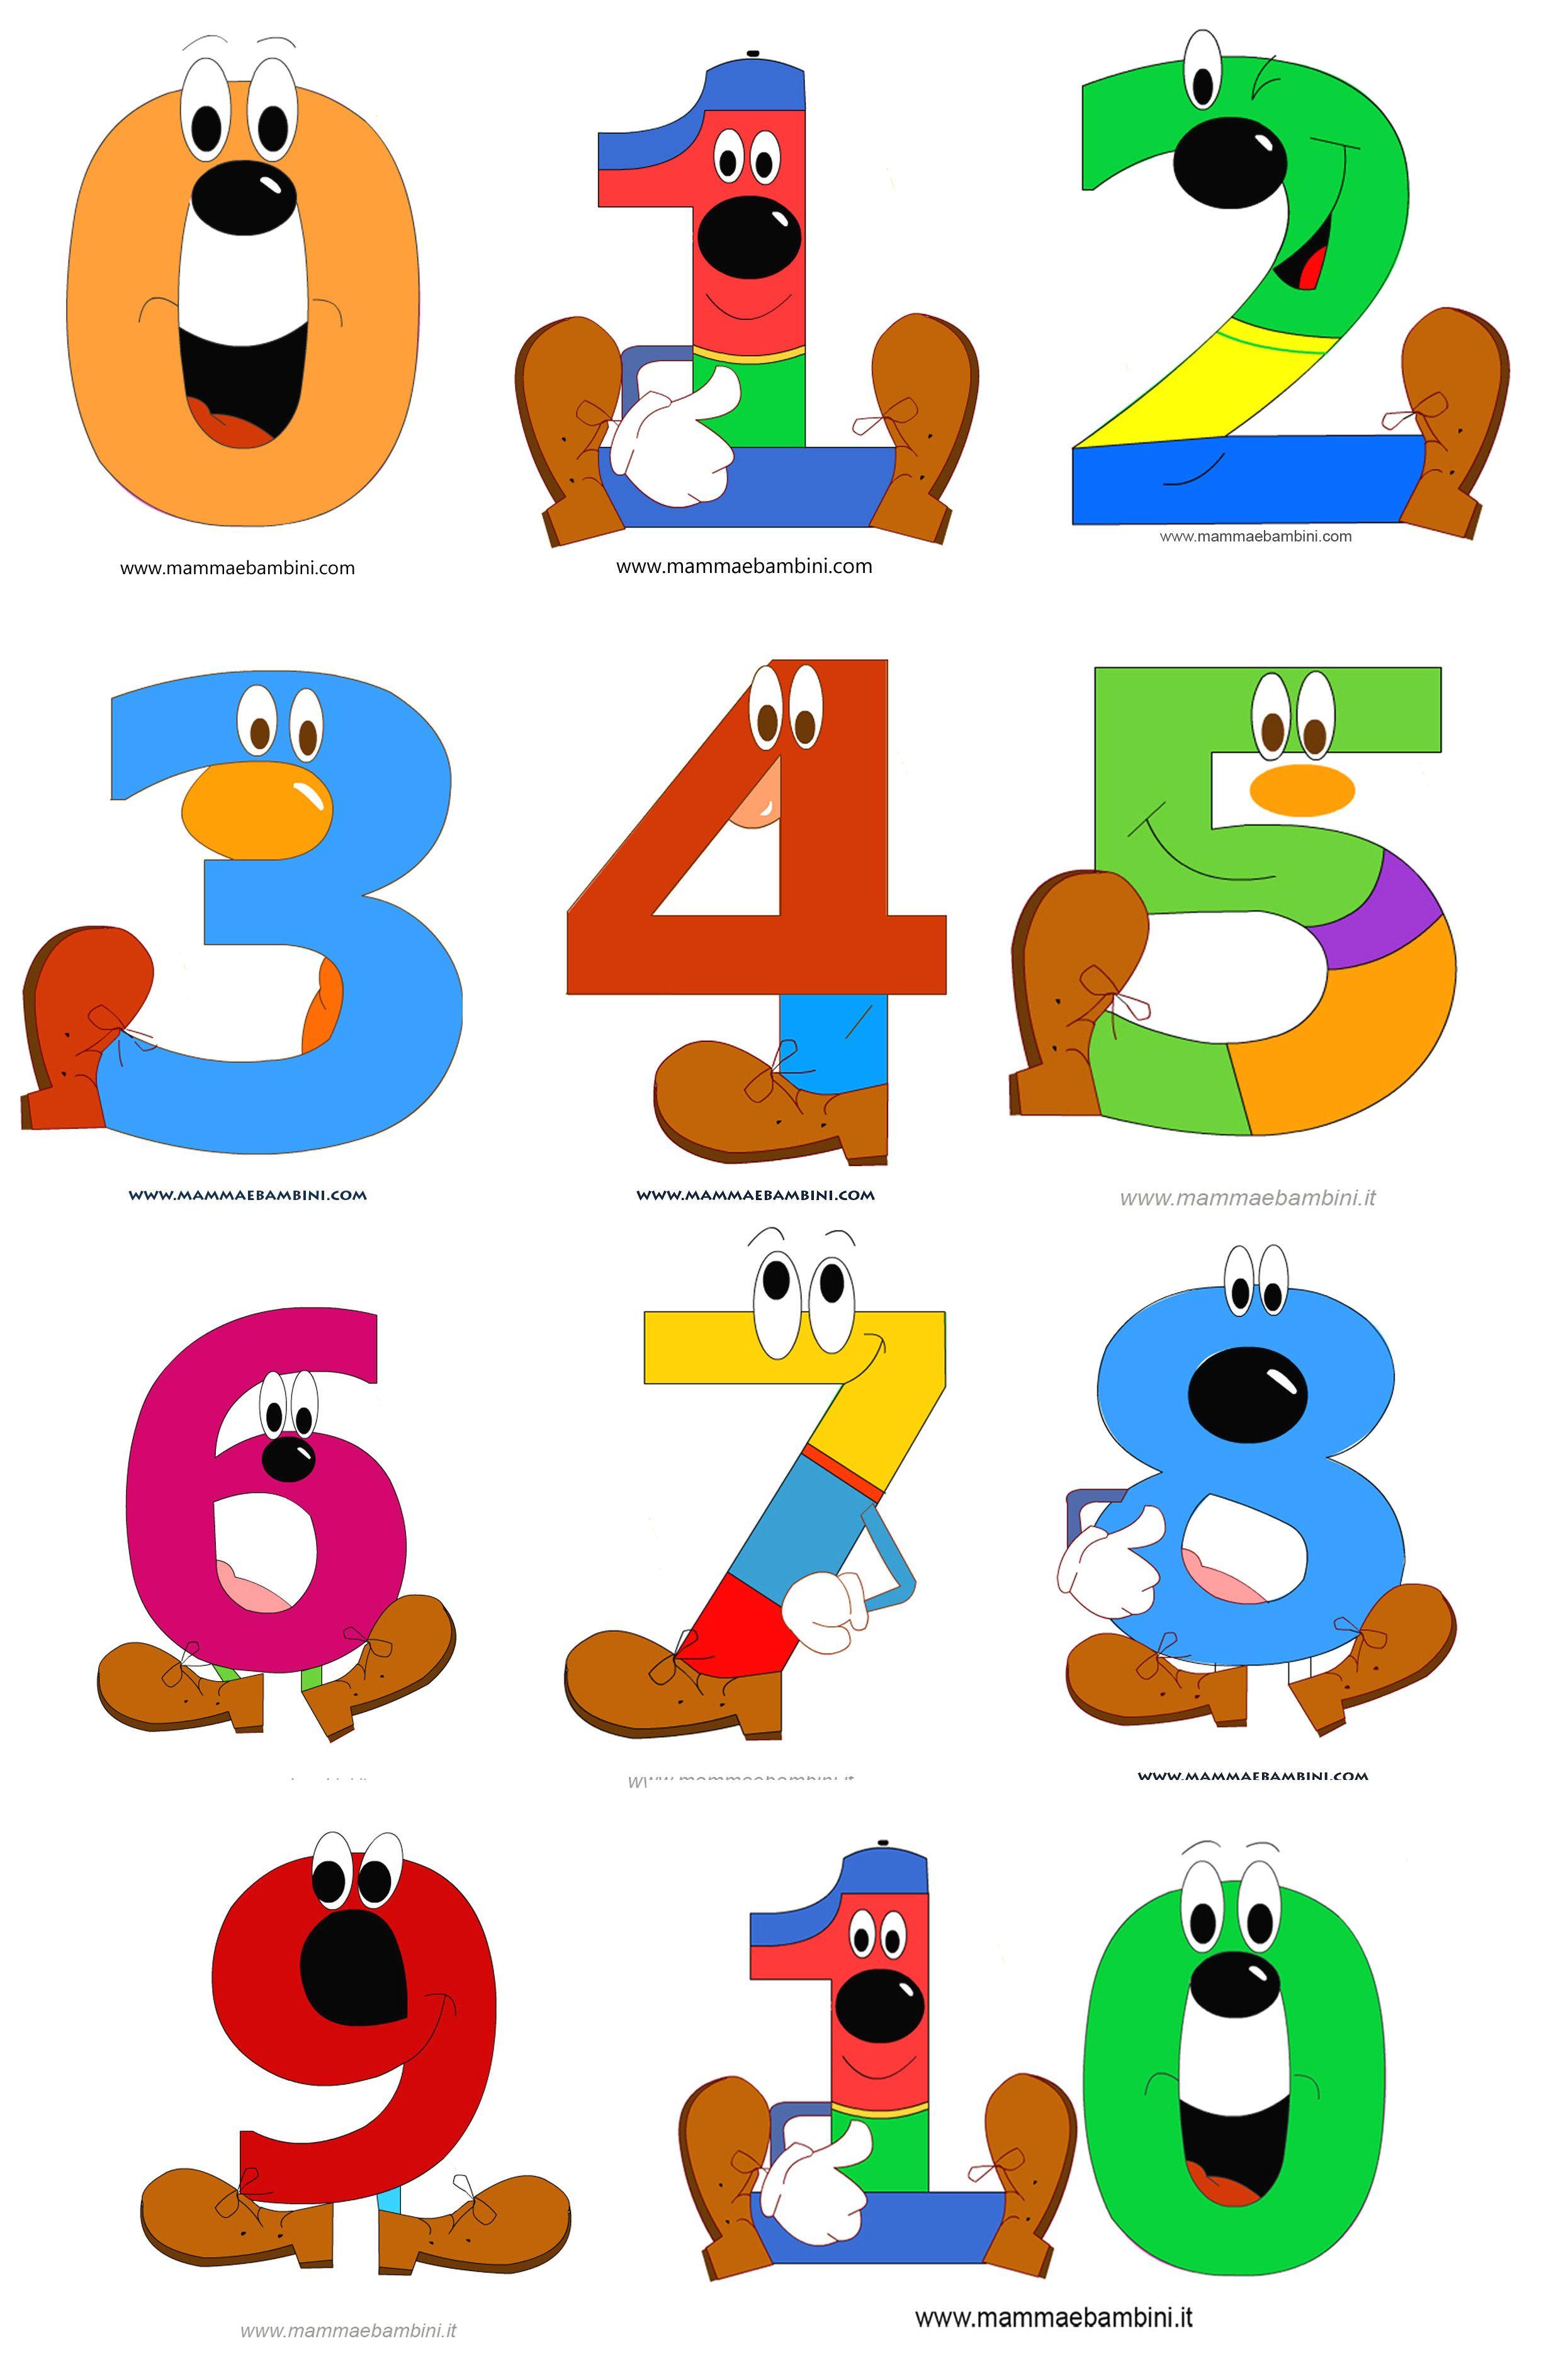 Disegni Numeri Da Colorare Per Bambini.Numeri Da Stampare E Colorare Per Bambini Mamma E Bambini Con